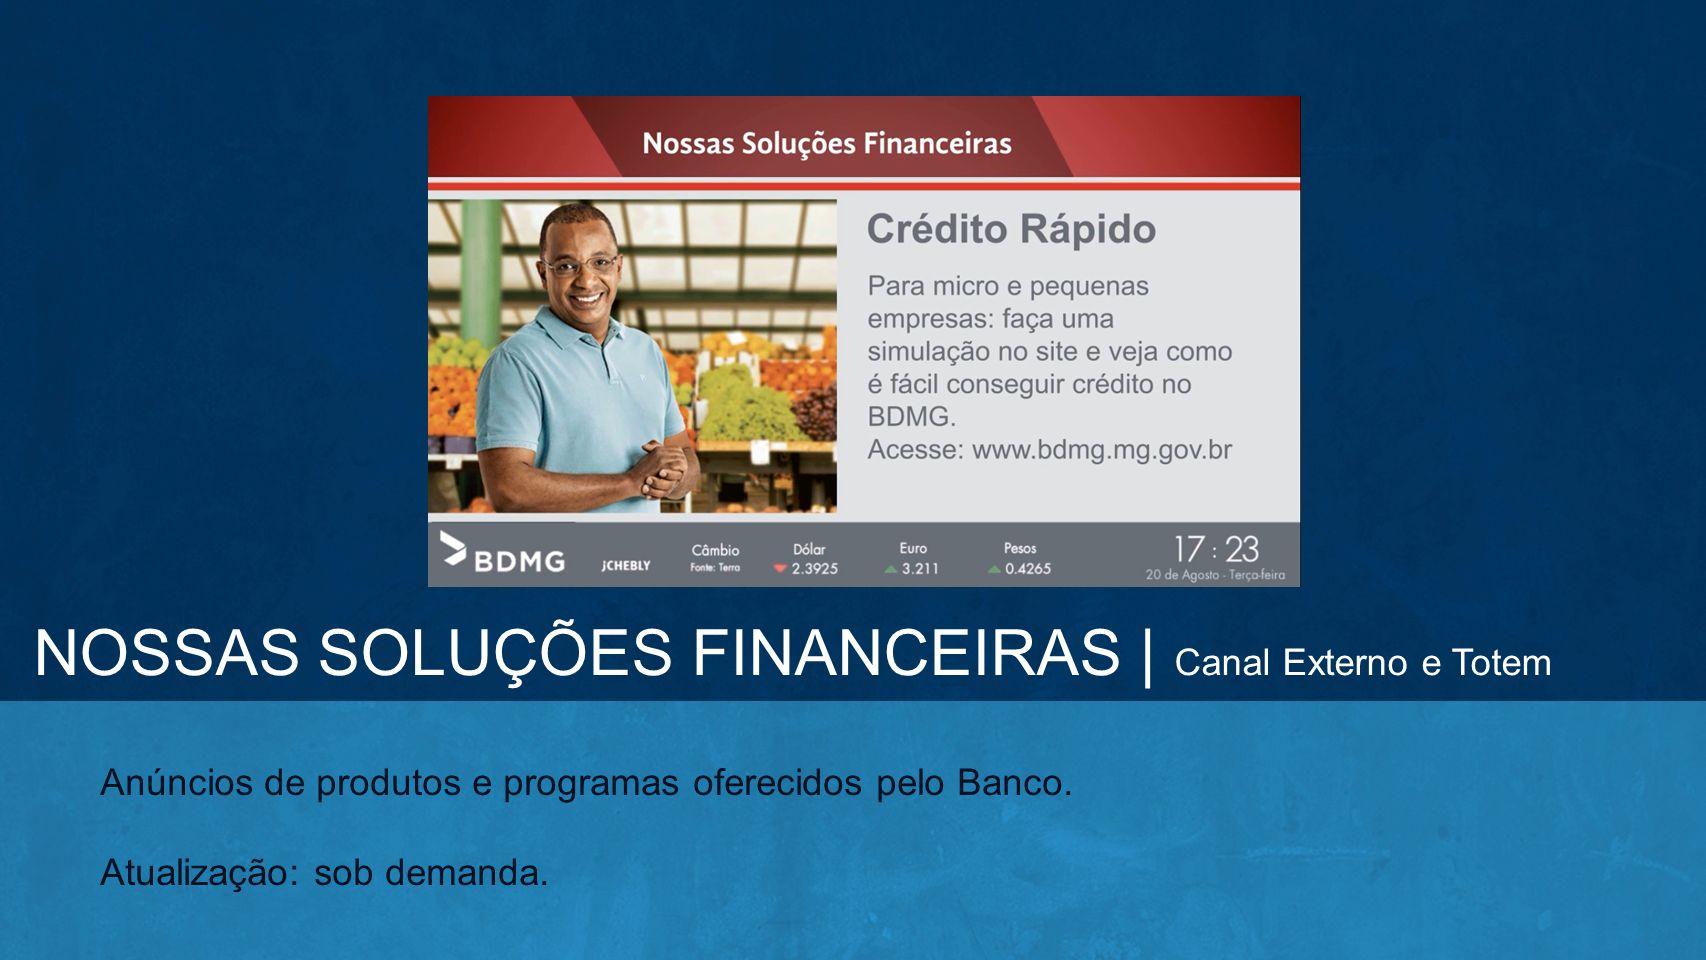 Anúncios de produtos e programas oferecidos pelo Banco. Atualização: sob demanda. NOSSAS SOLUÇÕES FINANCEIRAS | Canal Externo e Totem